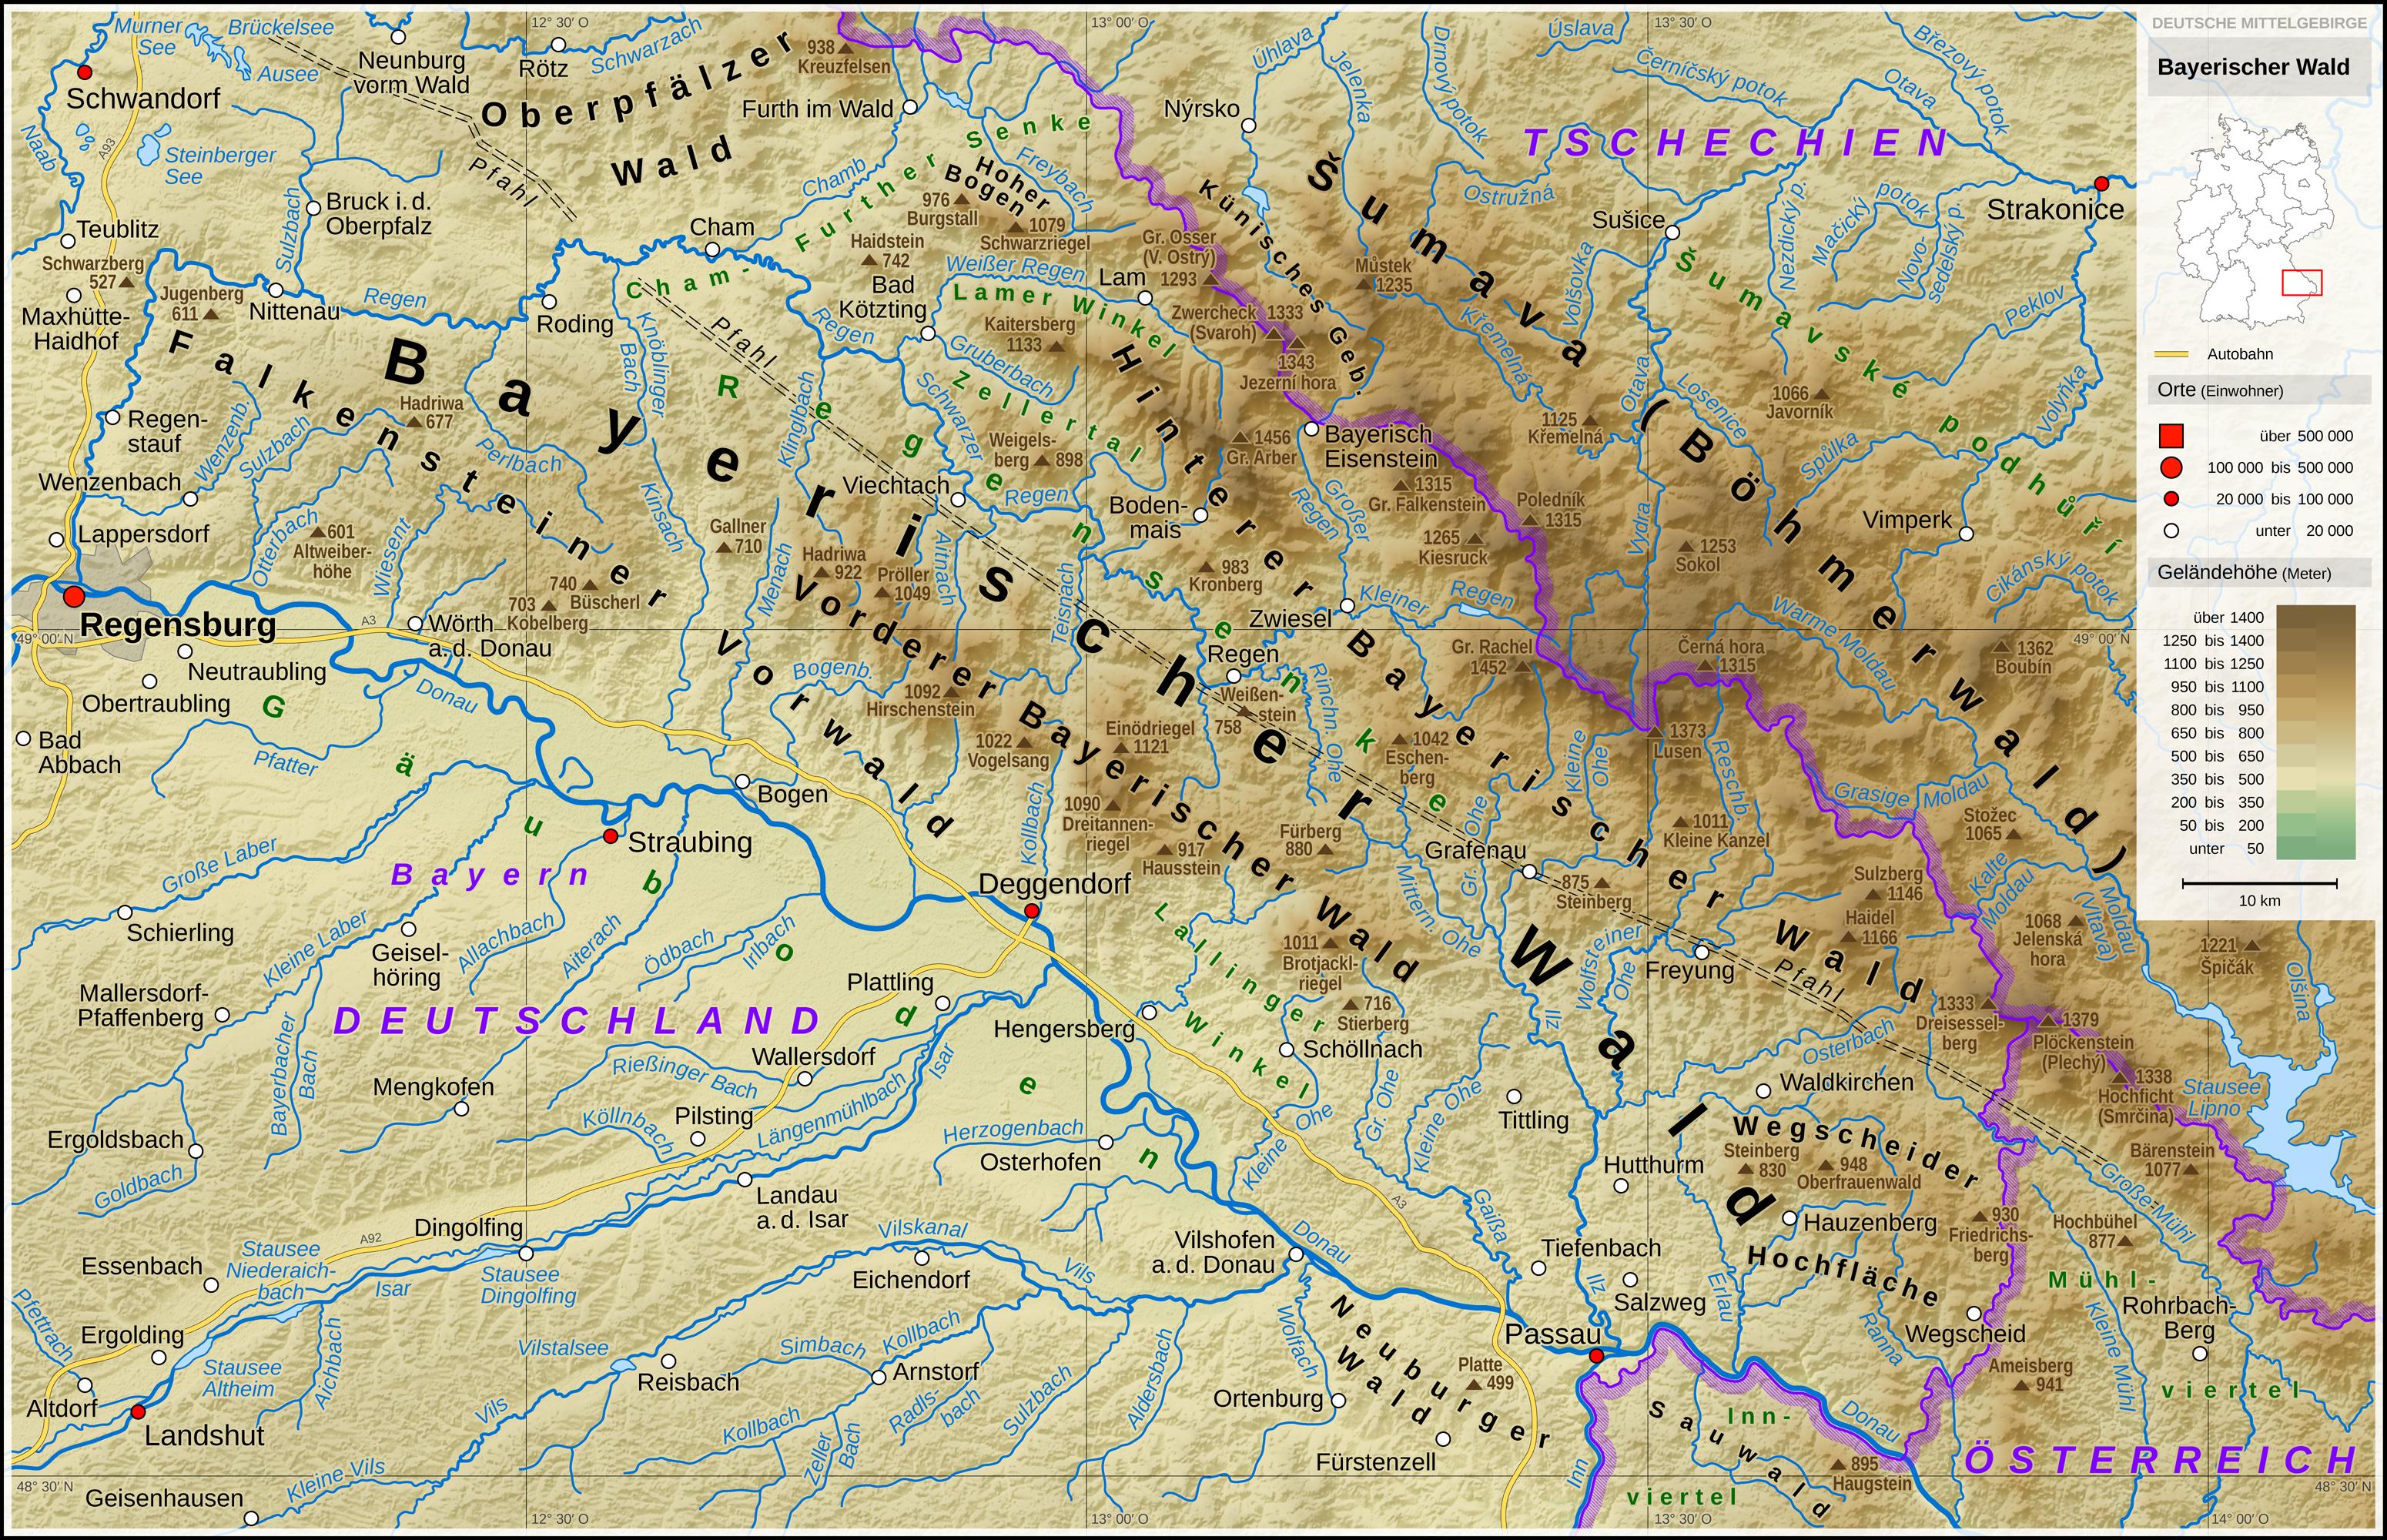 Nationalpark Bayerischer Wald Karte.Bayerischer Wald Wikipedia